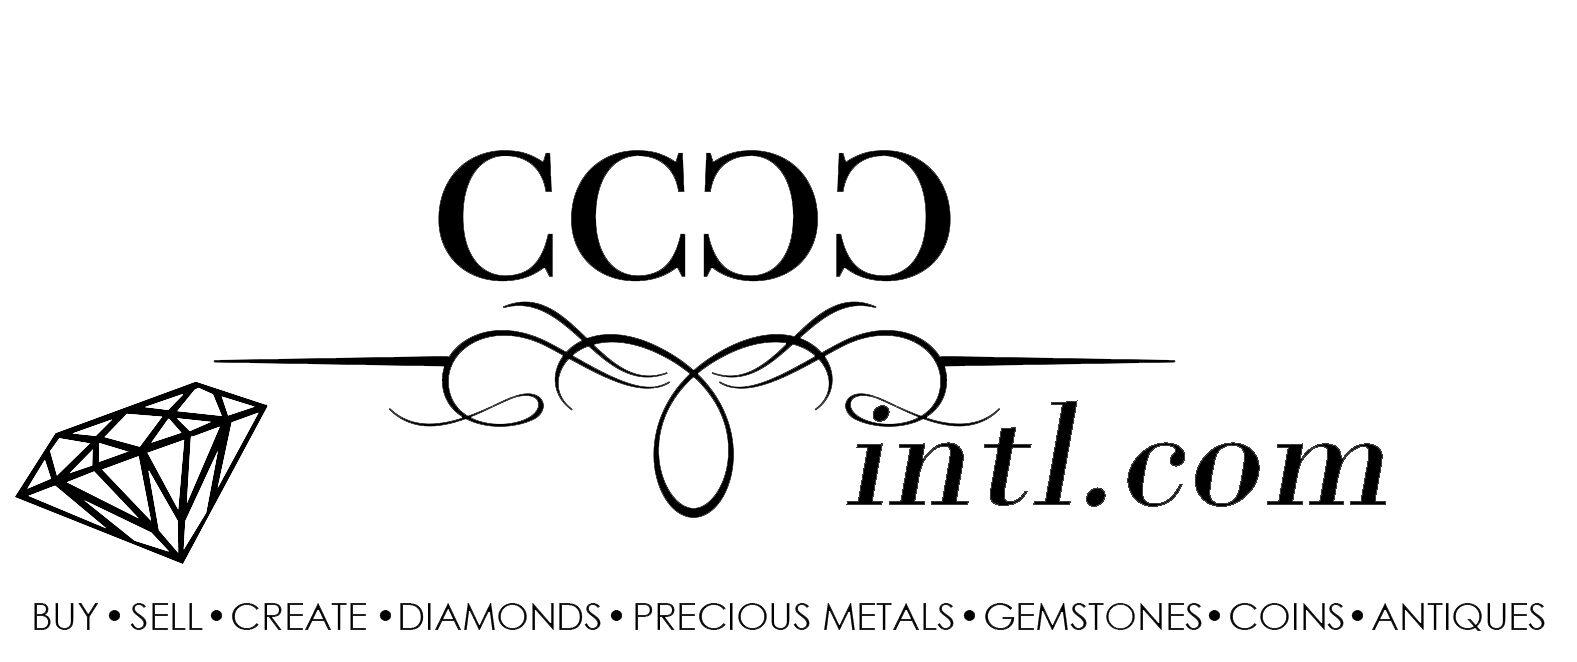 CCCC Gold Diamonds Coins Antiques